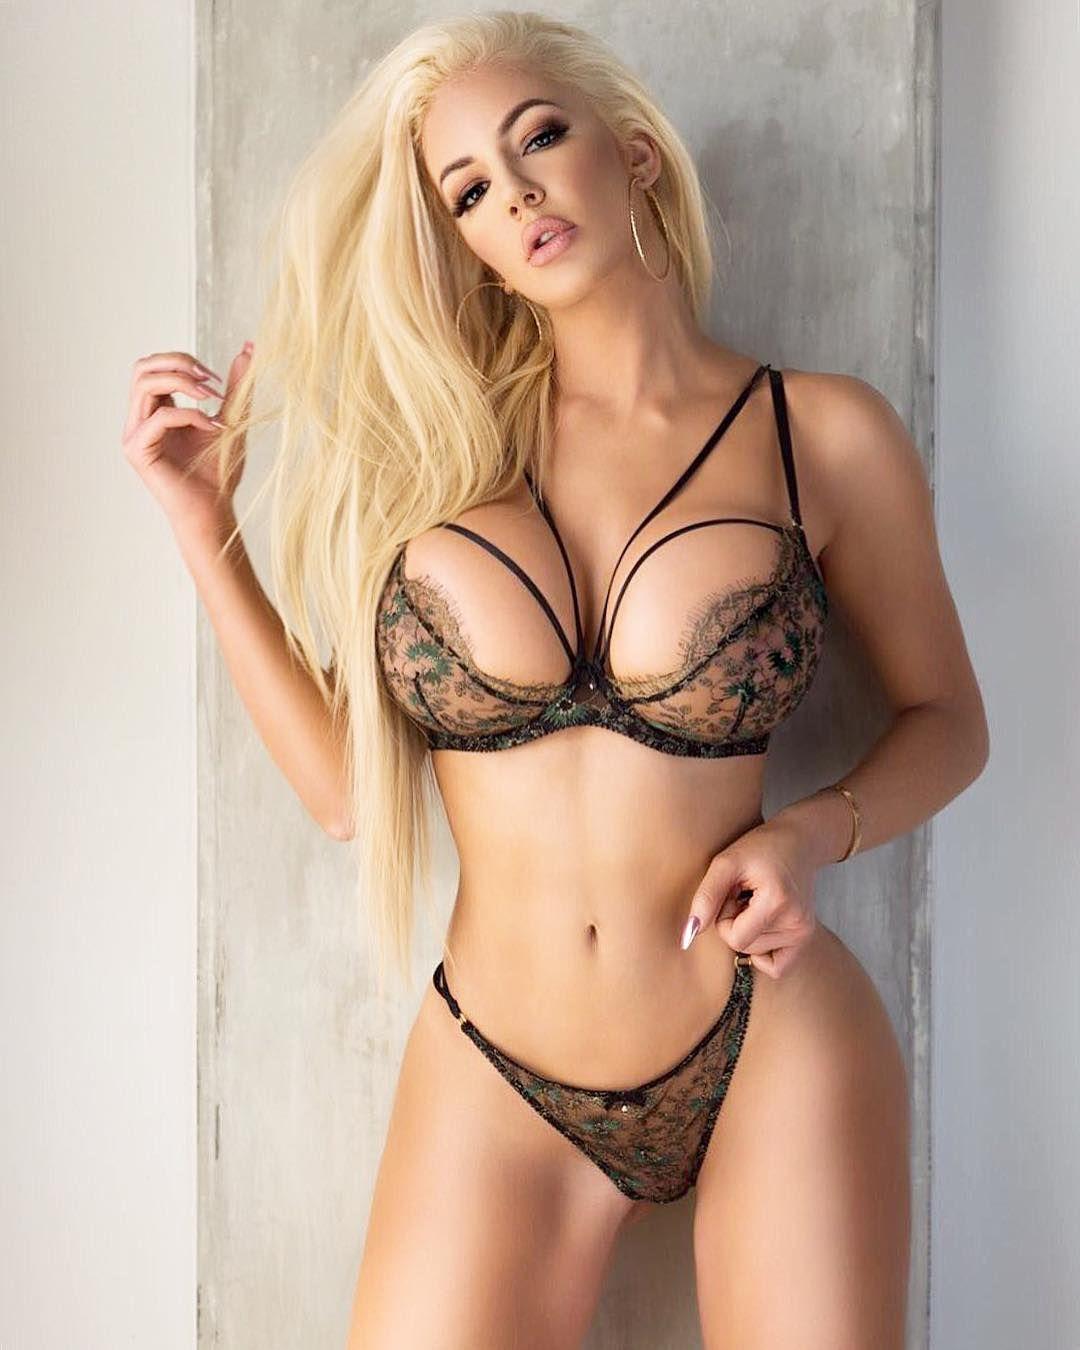 sexy sehr heißes Bild